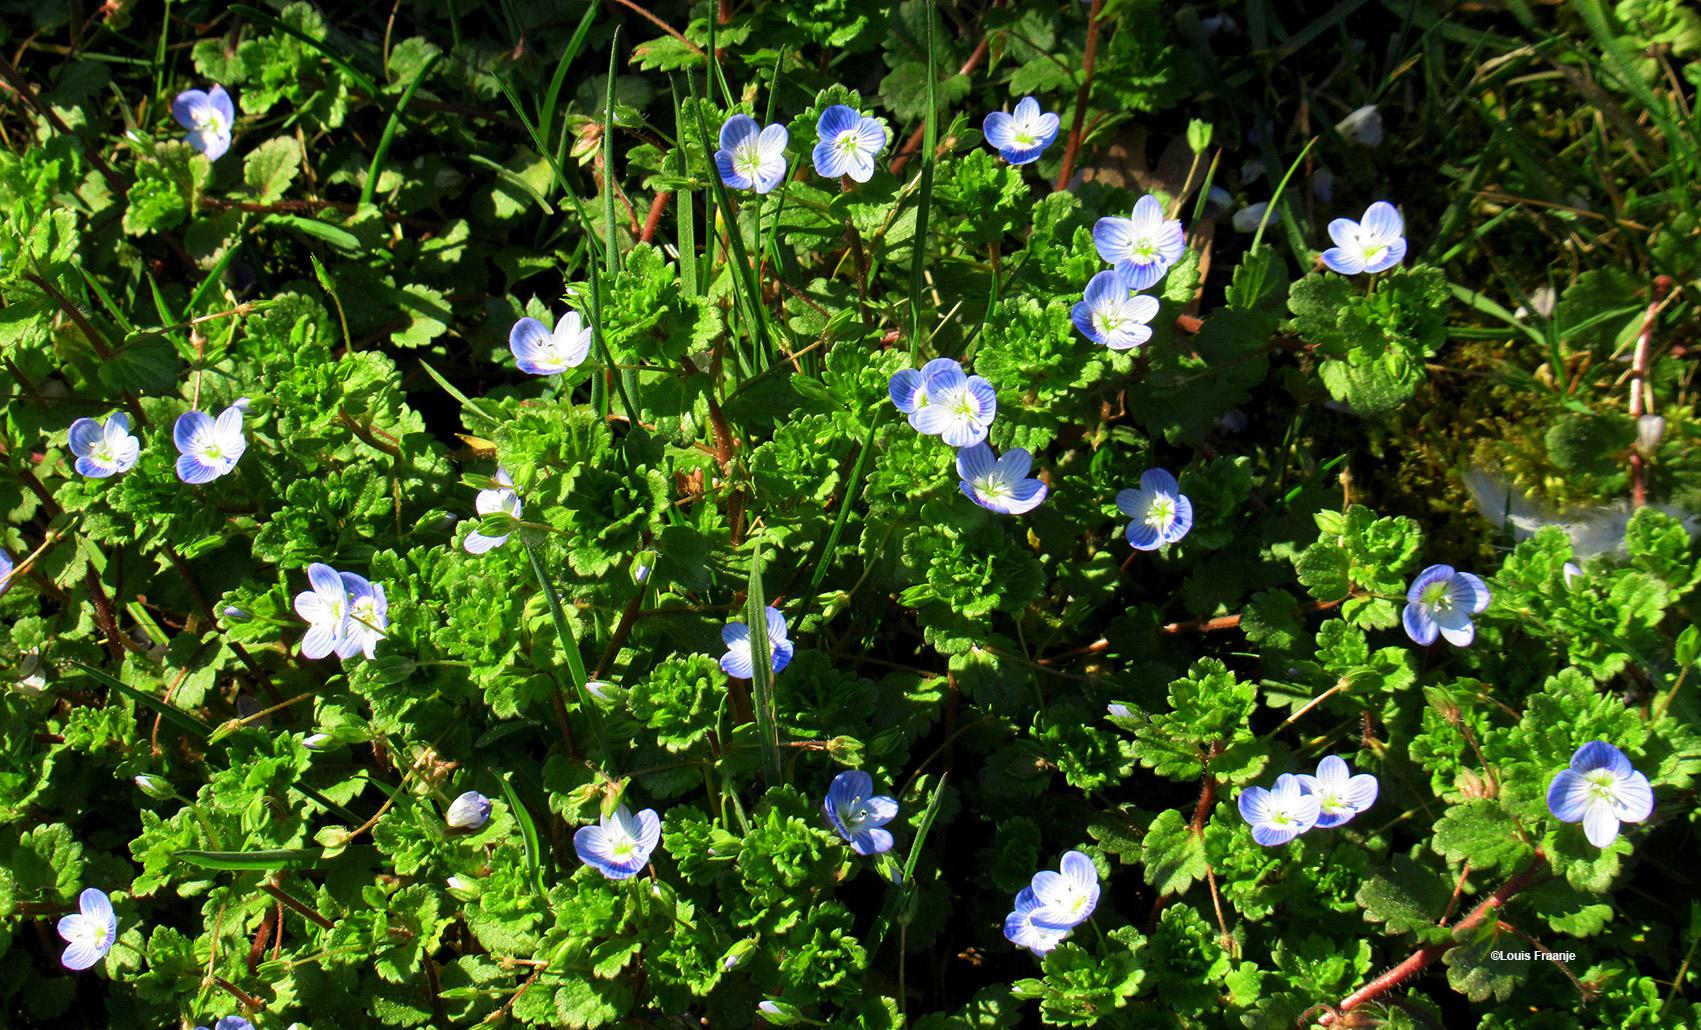 Een blauw tapijt van Ereprijs, als ik deze bloemetjes zie staan, dan verwar ik ze soms nog weleens met de vergeet-mij-nietjes, waarbij ik onwillekeurig terug moet denken aan het Poezie-album van mijn zus vroeger op school. Gelukkig zijn er altijd vrienden, zoals Diet de Ridder, die me bij de les houden, waarvoor dank! - Foto: ©Louis Fraanje